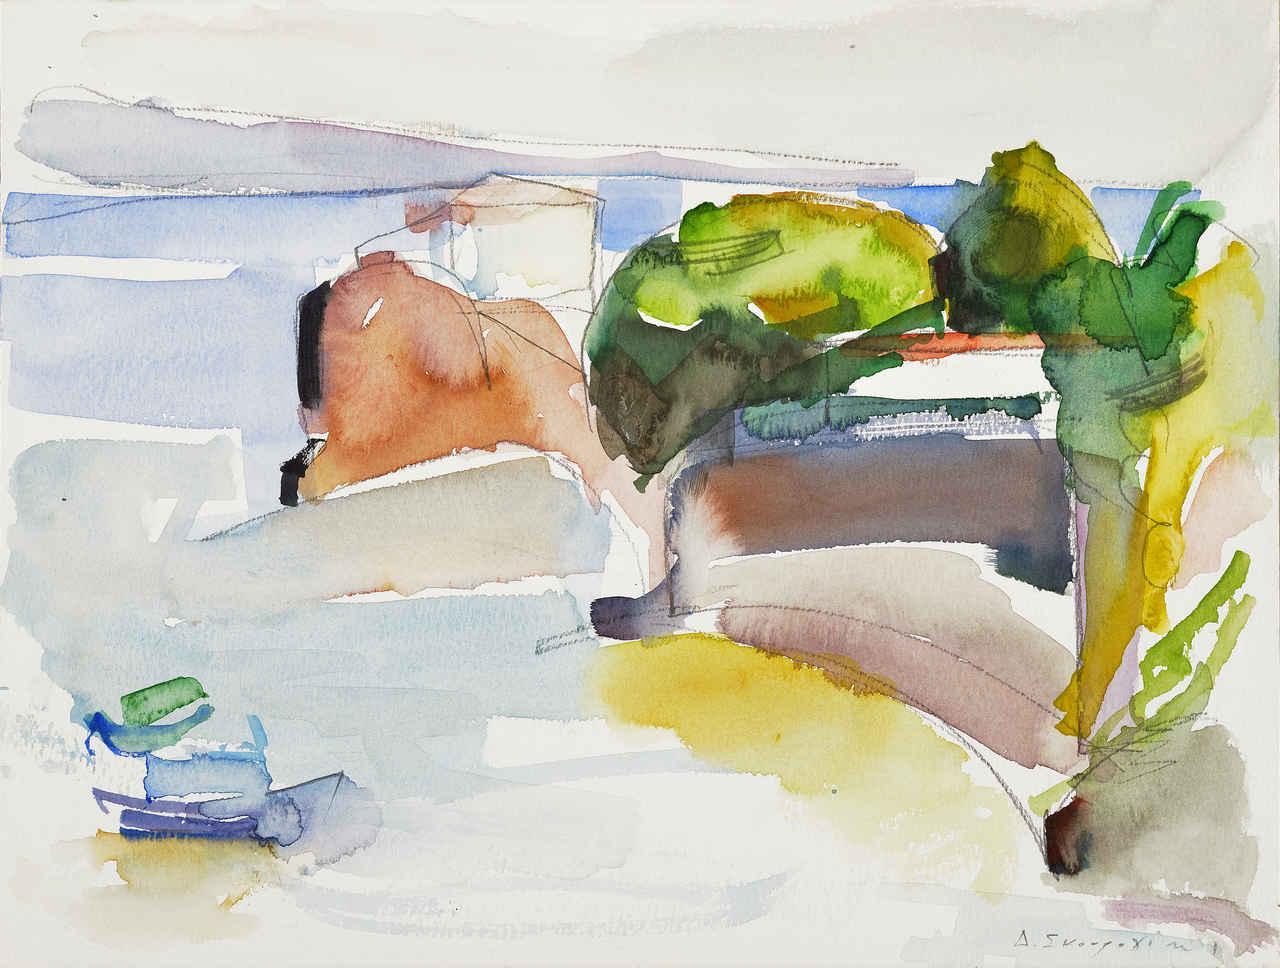 Ύδρα, 1998, ακουαρέλα, 23x30,5 εκ.